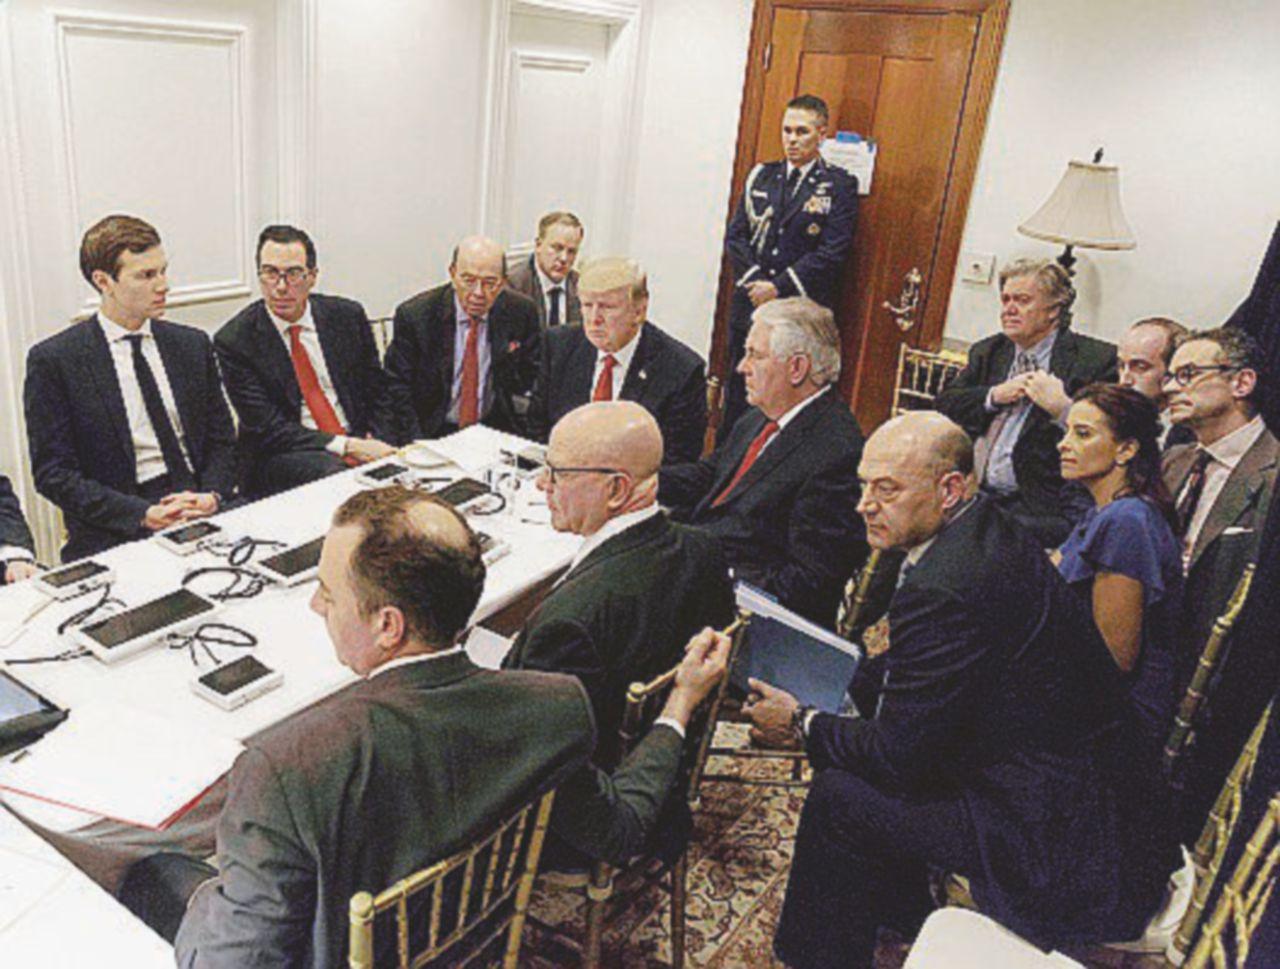 Un colpo per sparigliare e unificare il Paese